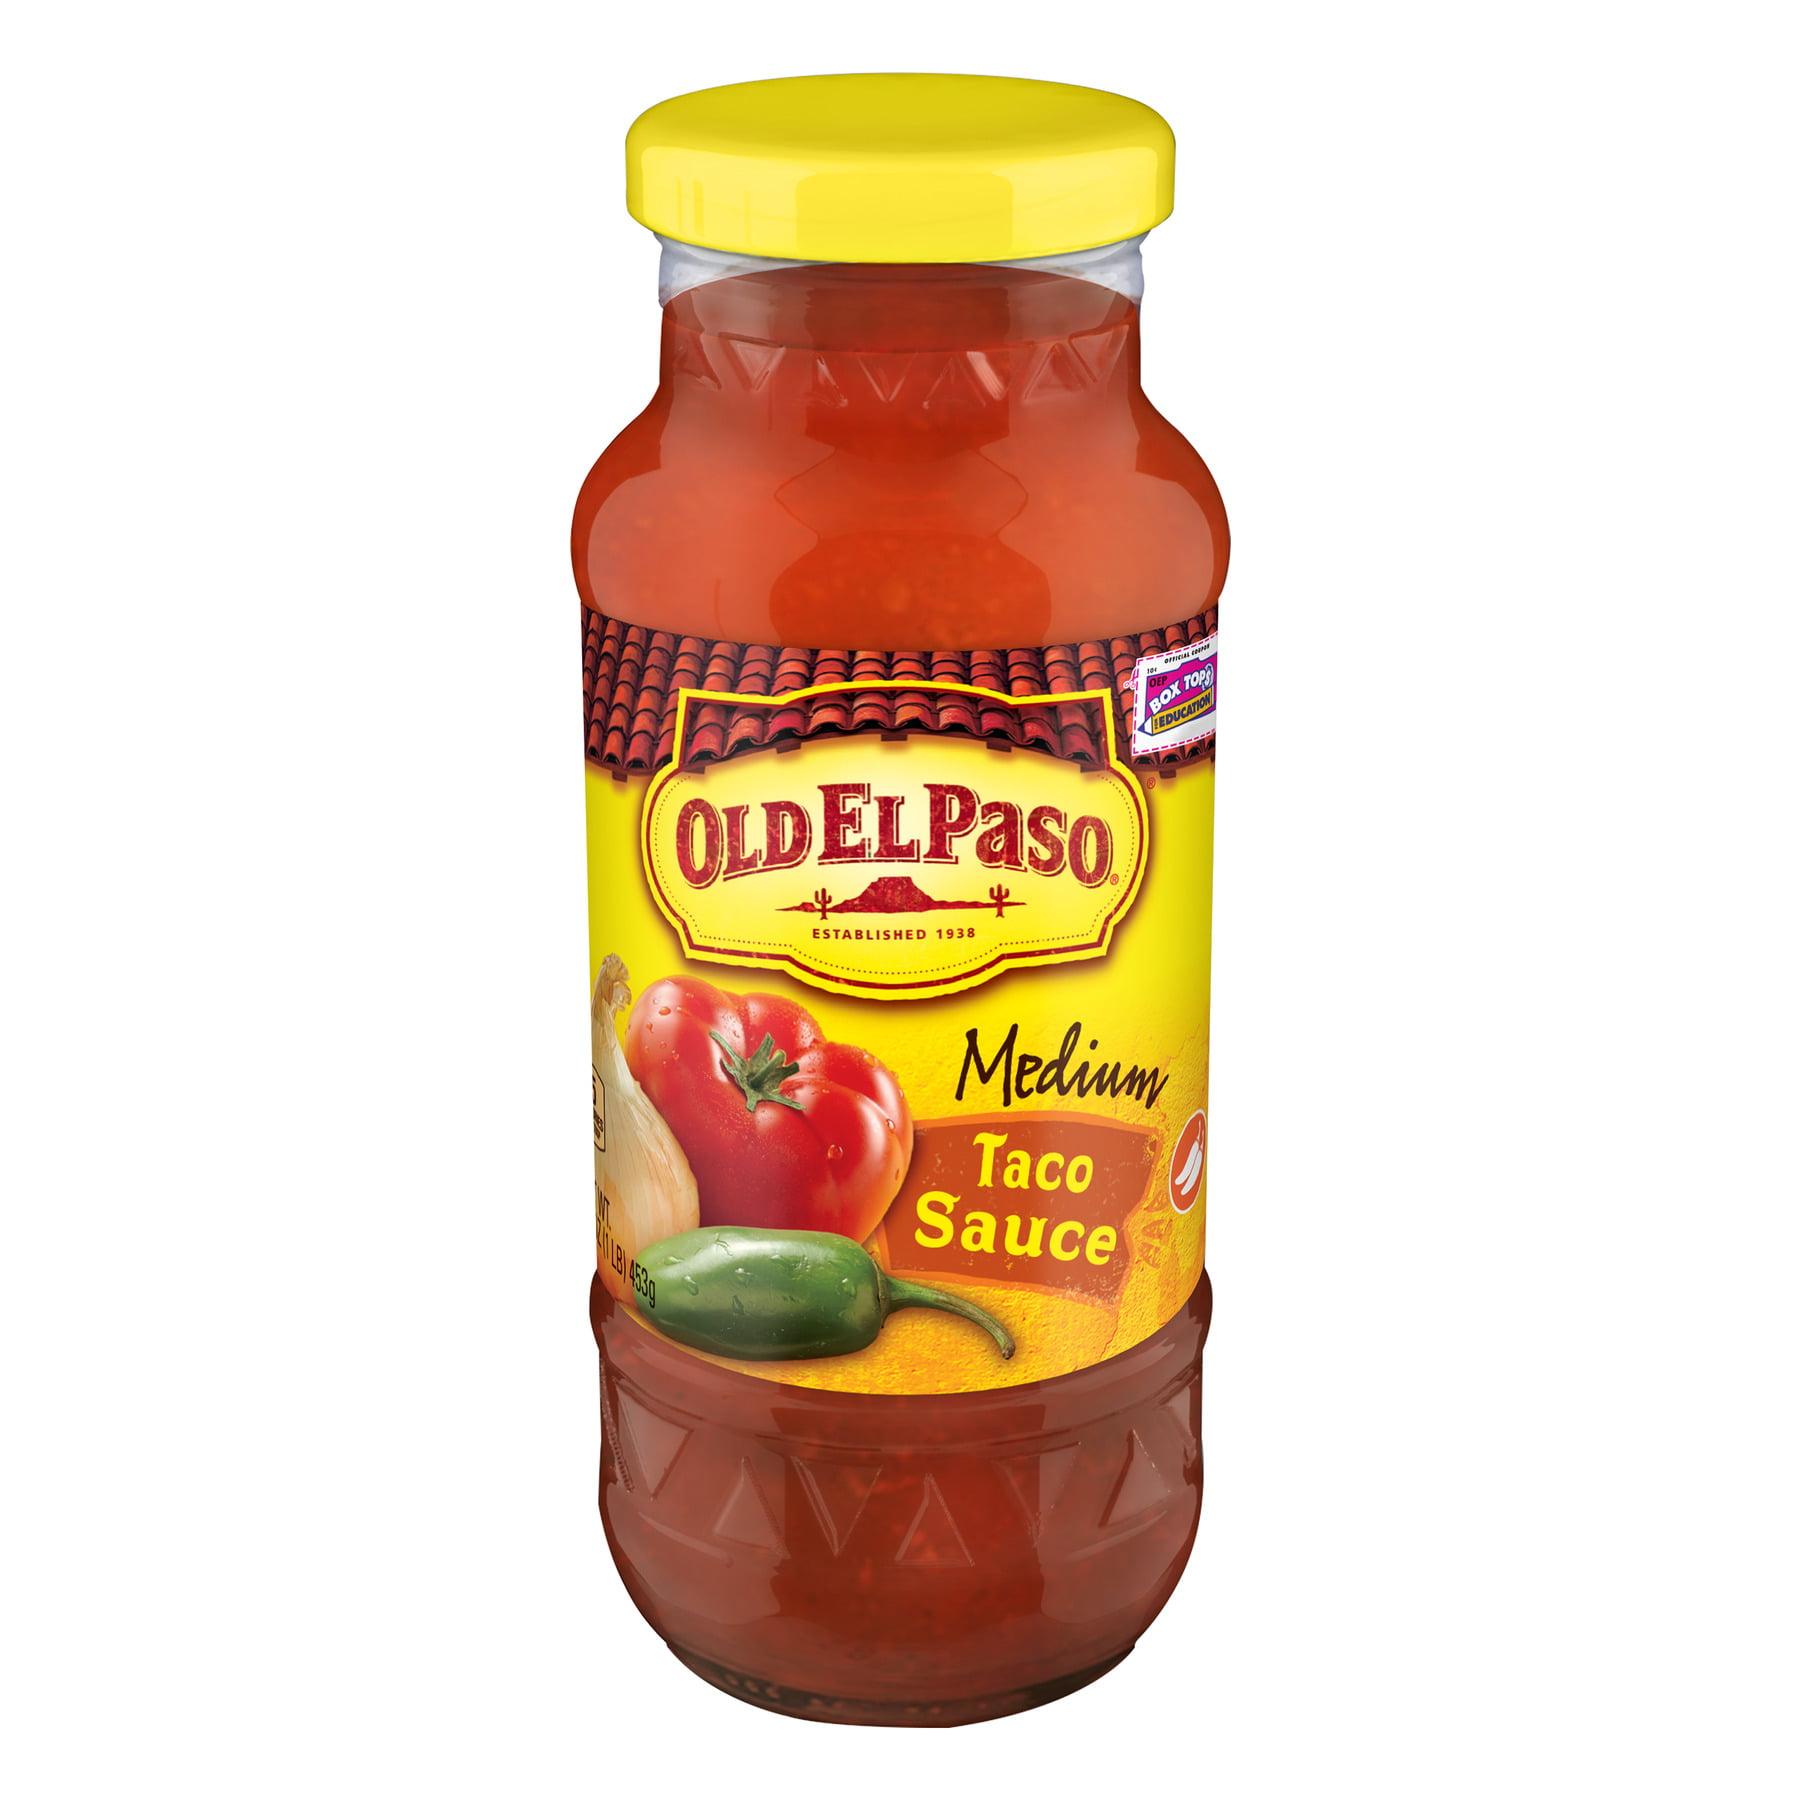 (2 Pack) Old El Paso Medium Taco Sauce, 16 oz